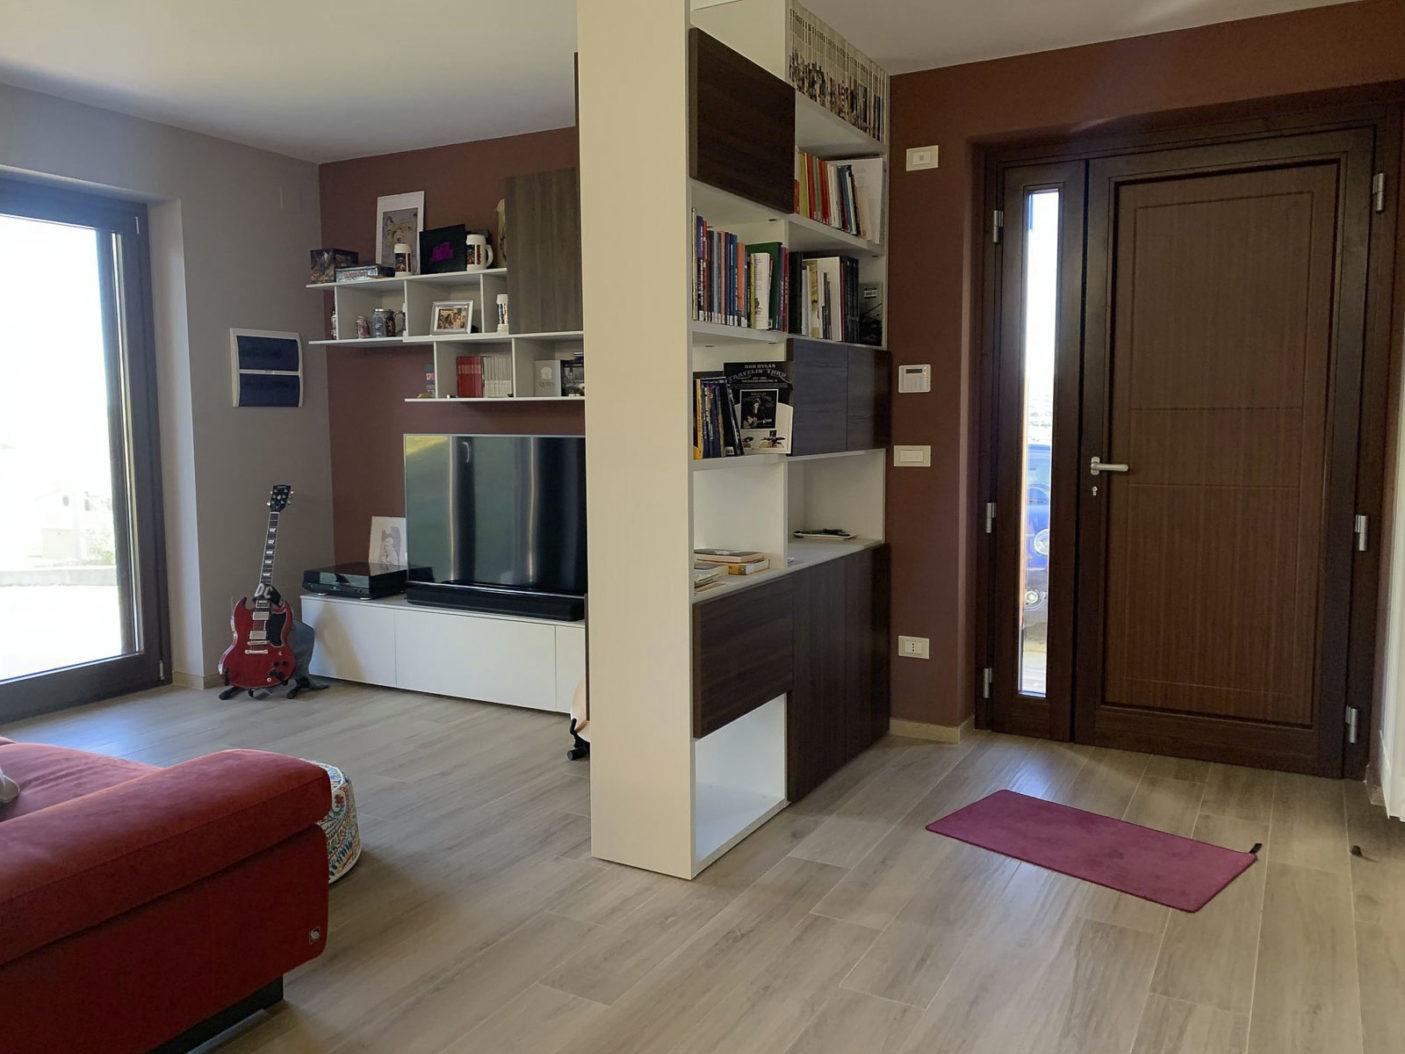 Cucina-Creo-e-Interior-Design-Zona-Living7.jpg